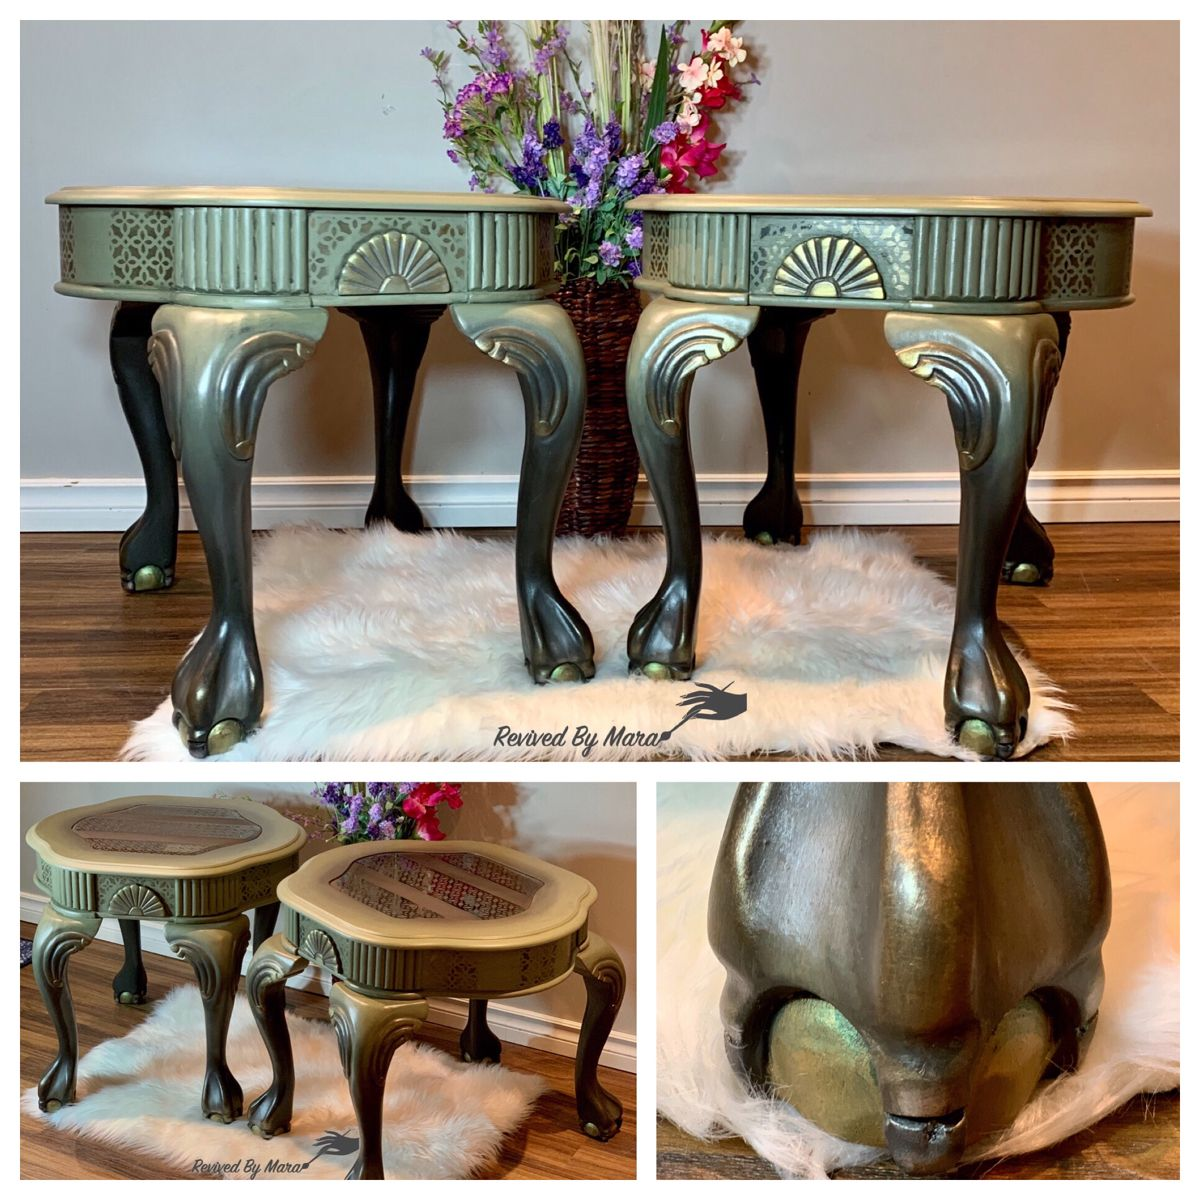 #diy #hanpainted #sidetables #vintagefurnituremakeover #furnituremakeoverdiy #furnitureartist